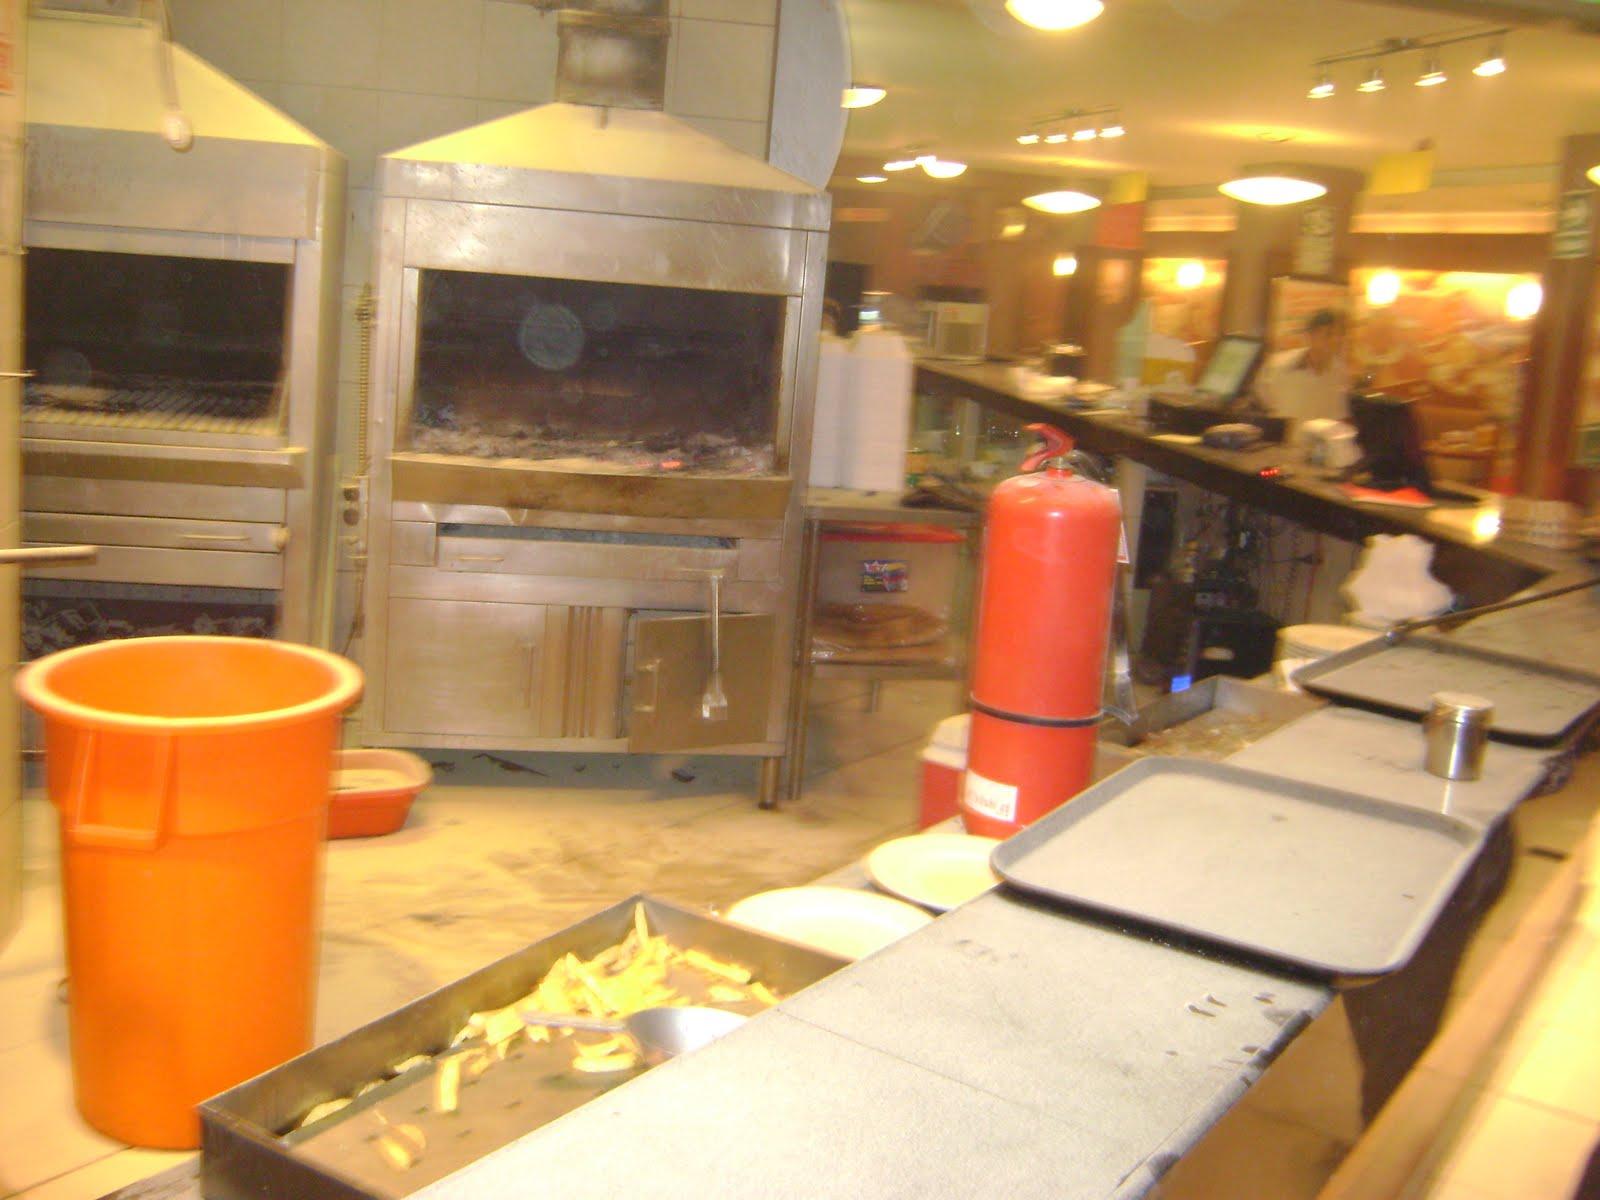 Noticias de ica falta de limpieza de horno provoca - Limpieza de horno ...